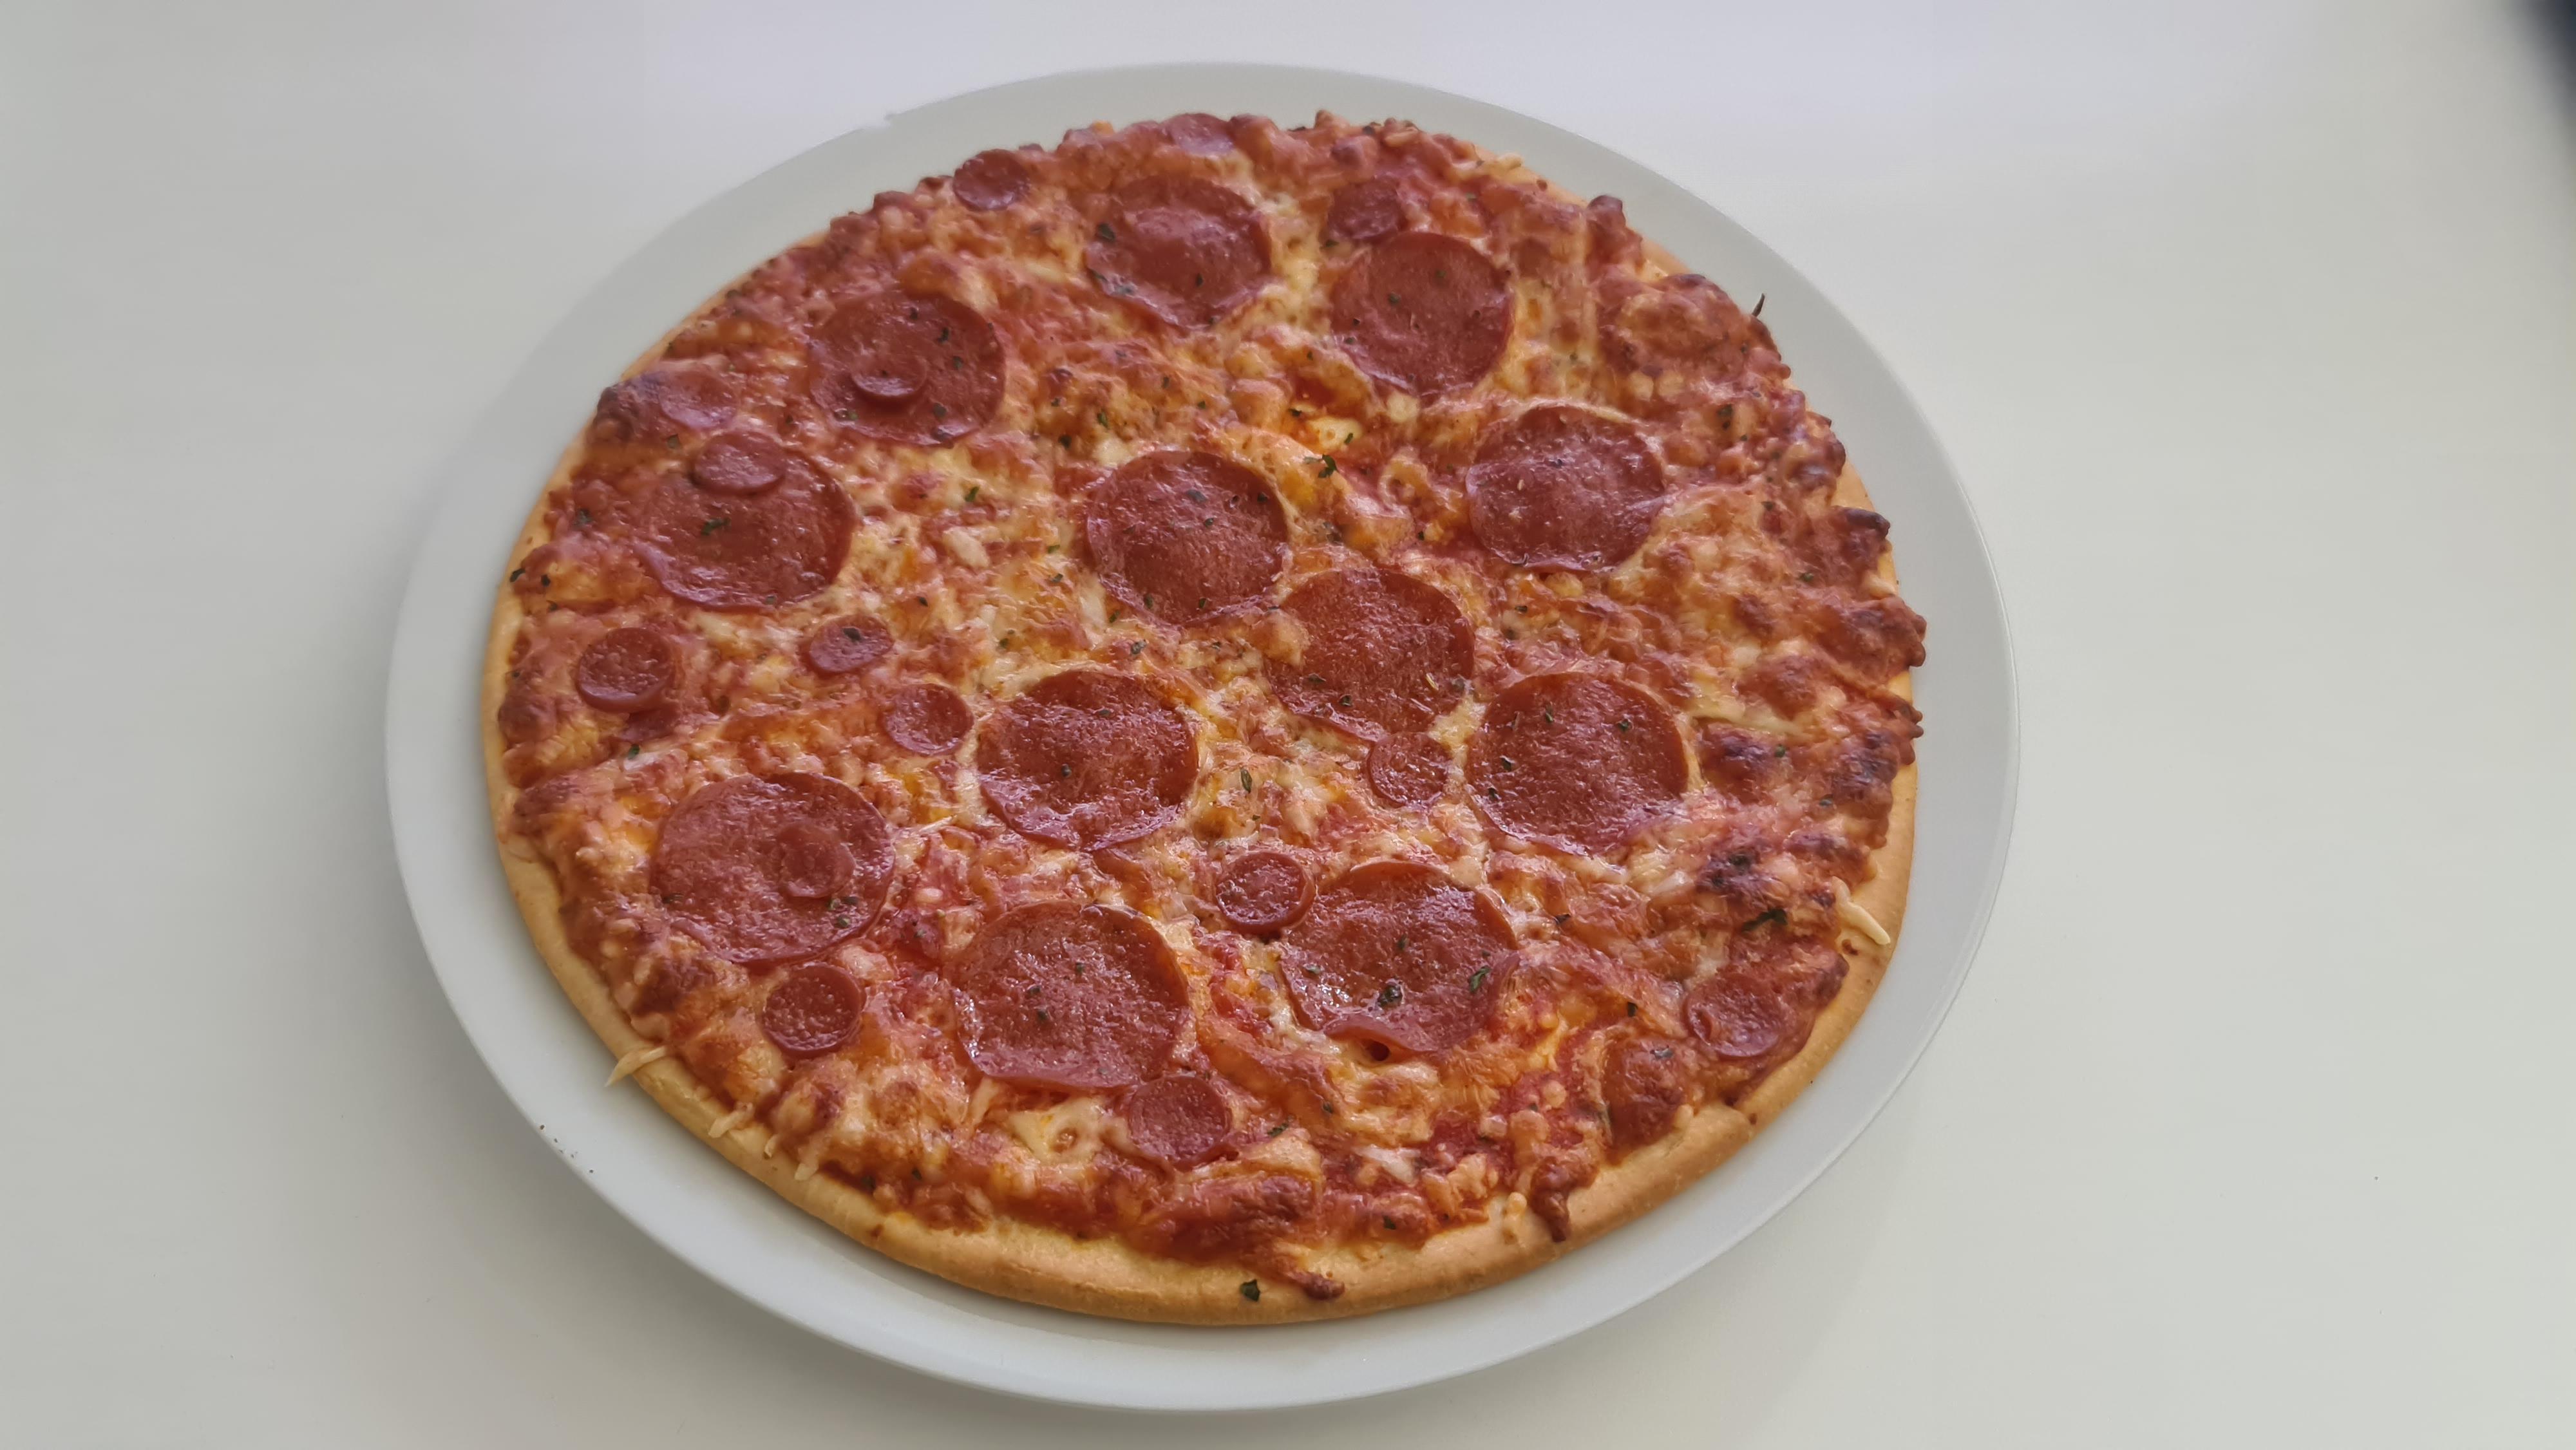 https://foodloader.net/Holz_2020-07-10_Pizza.jpg